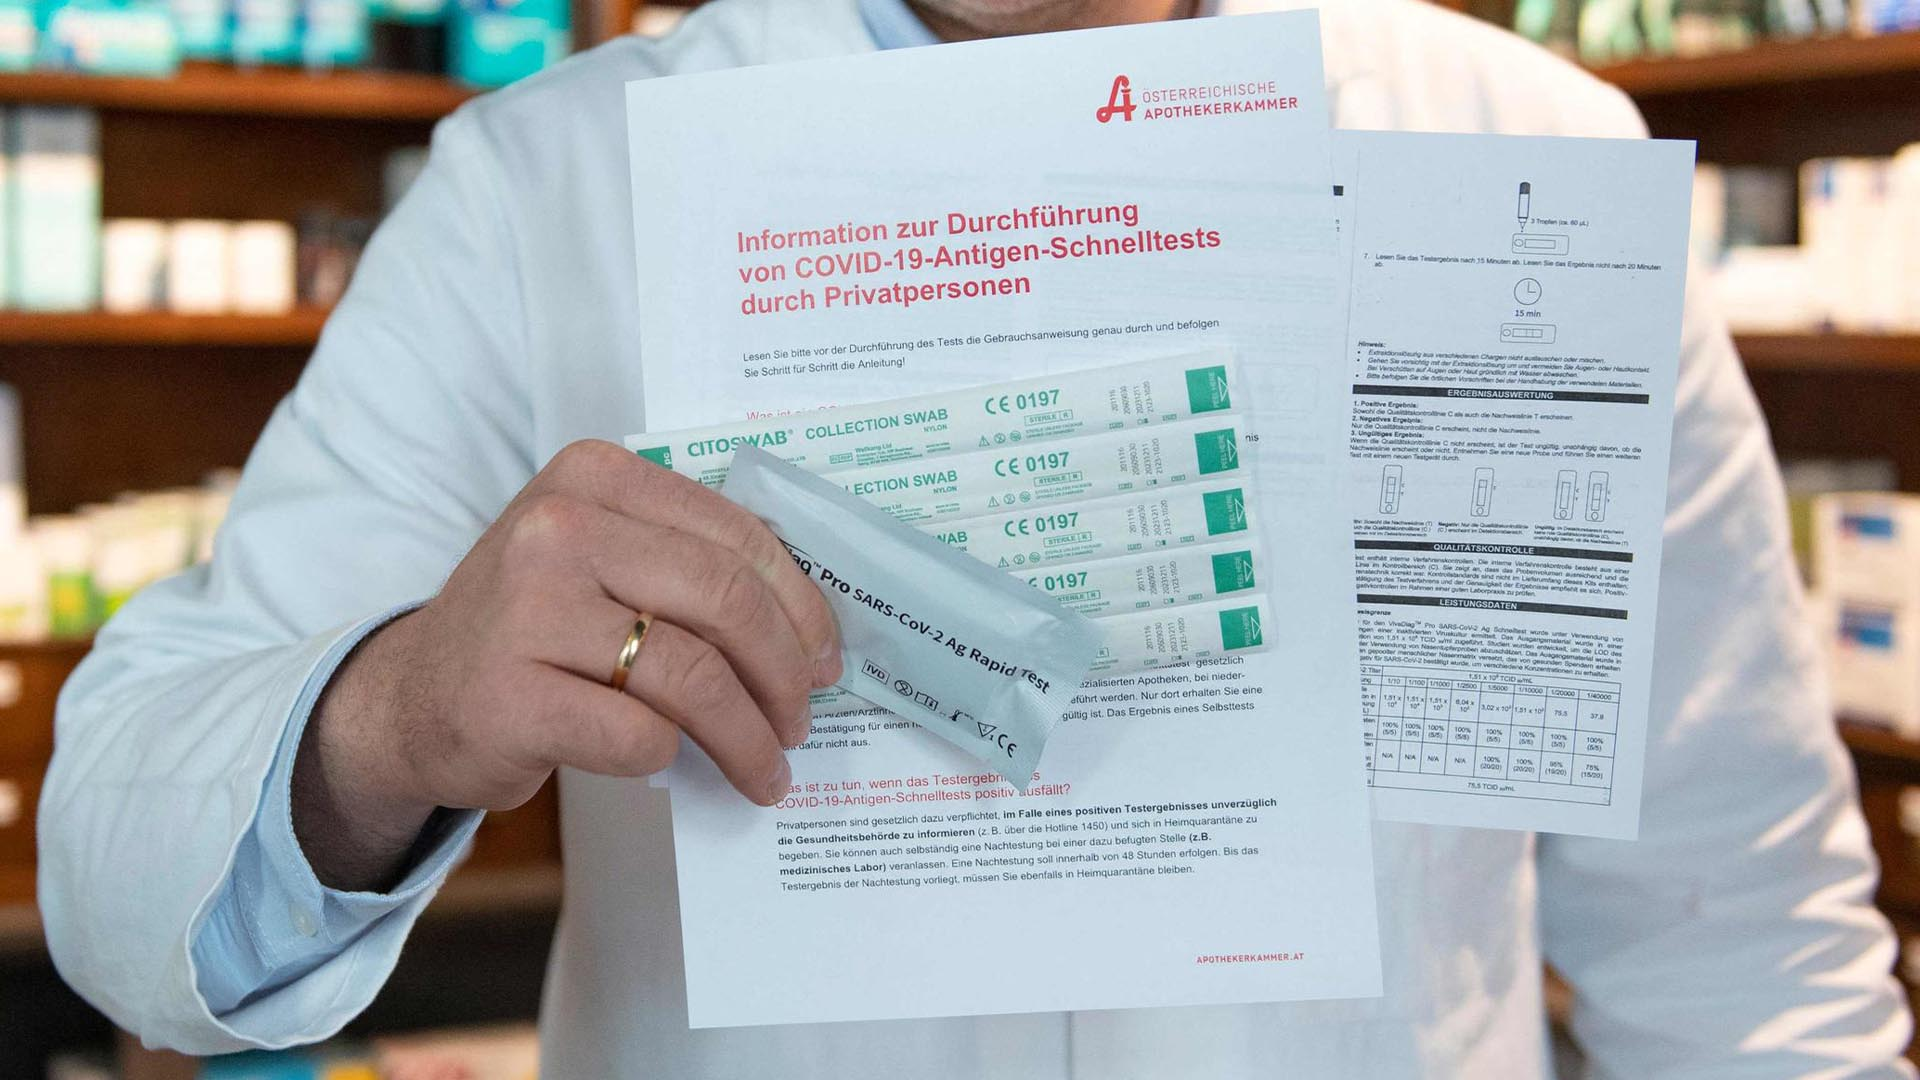 VIDÉO. Covid-19 : l'Autriche déploie les « auto-tests », des dépistages gratuits à faire chez soi